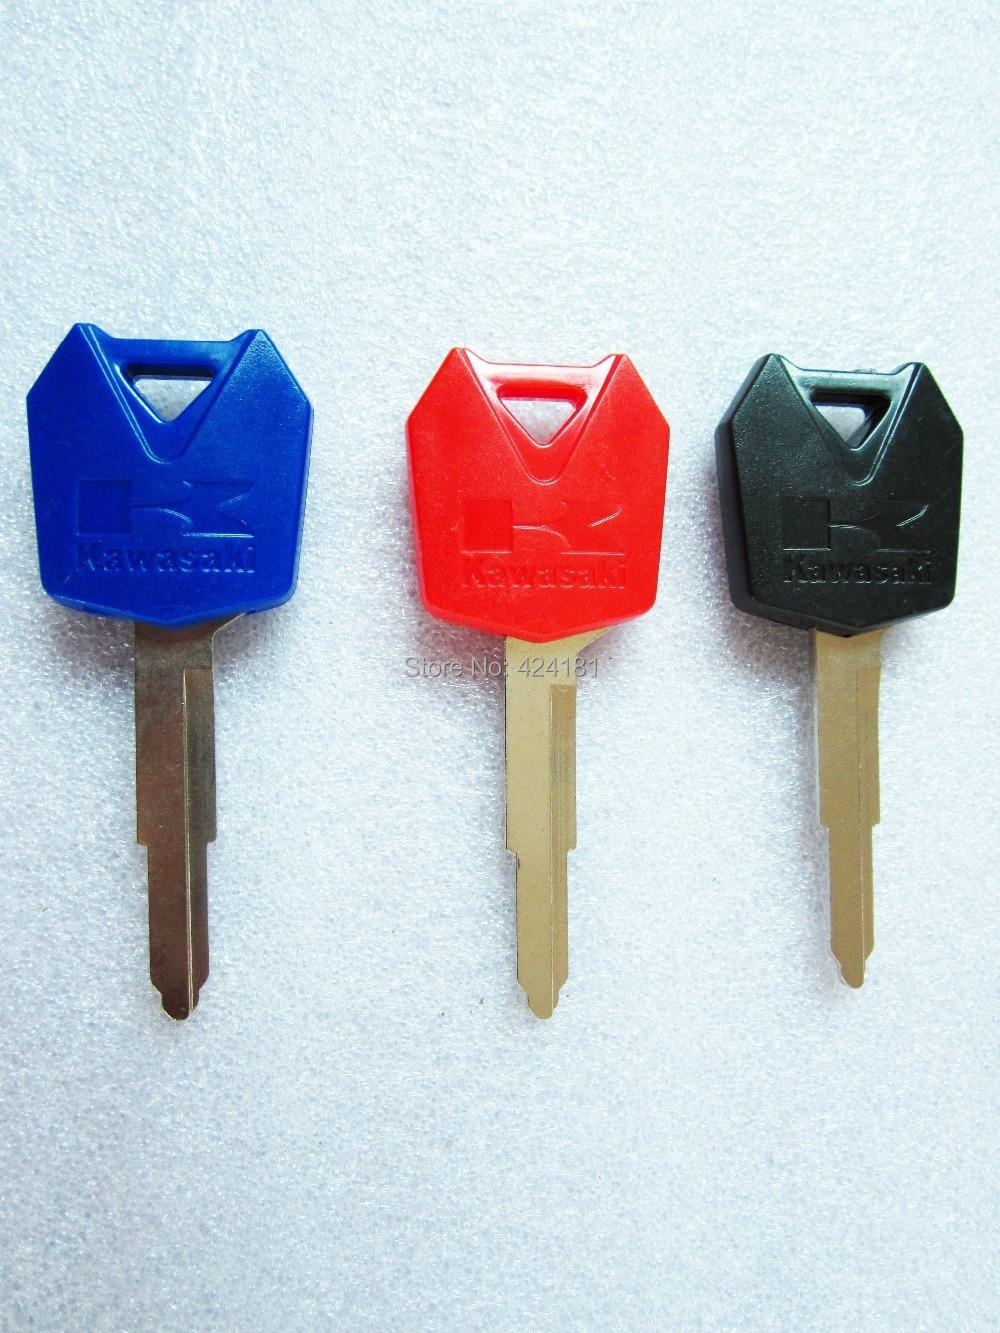 3 X мотоцикл пустой режиссерский ключ ключи для KAWASAKI ZX6R ZX9R ZX10R ZXR250 ZXR400 ZZR 400 600 ниндзя красный синий черный